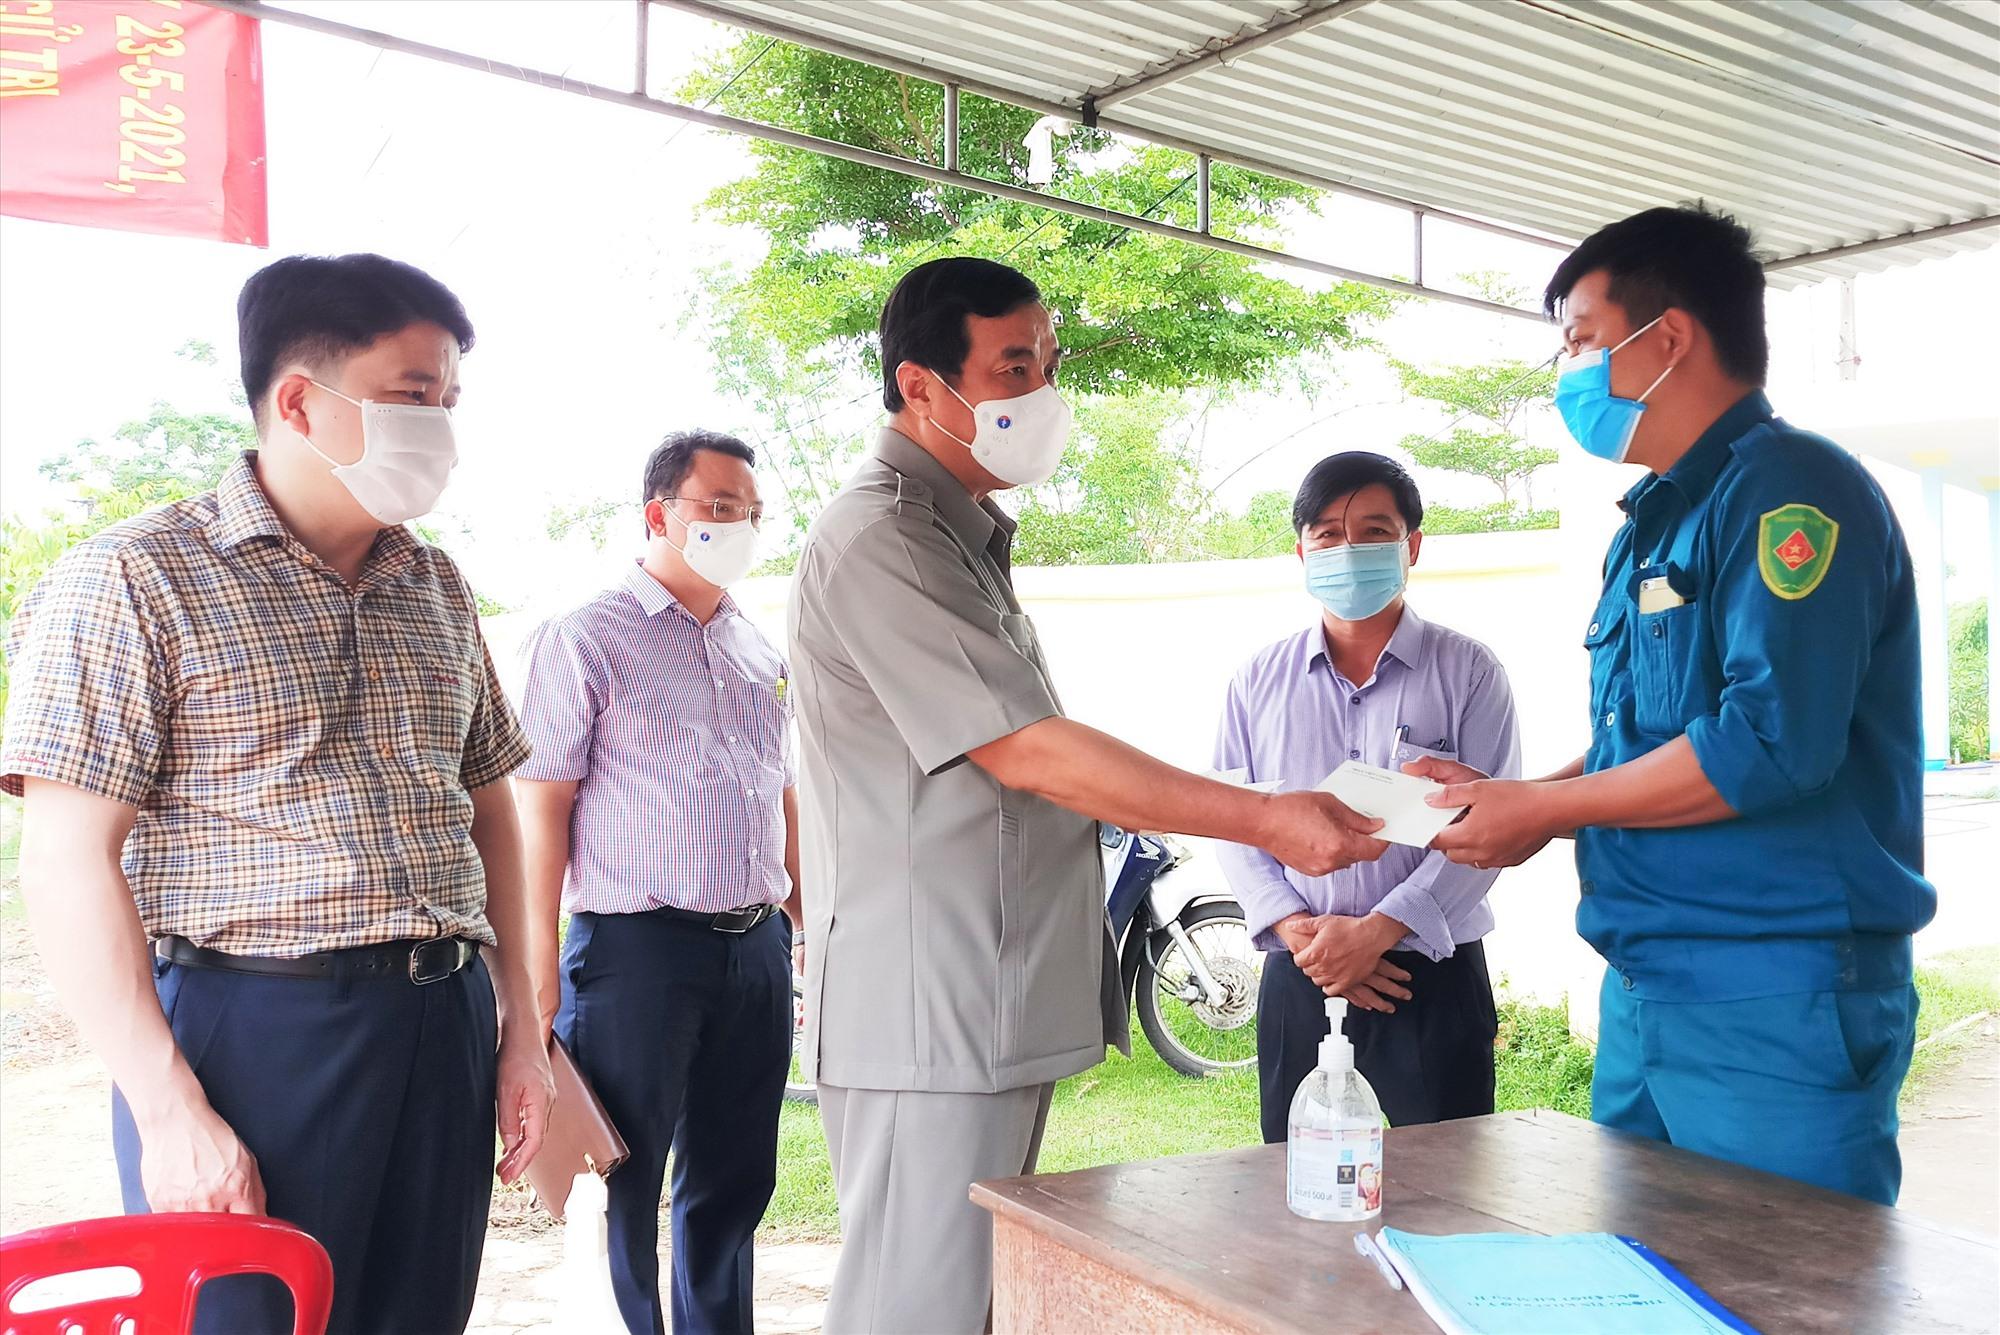 Bí thư Tỉnh ủy Phan Việt Cường trao quà động viên cán bộ, chiến sĩ làm nhiệm vụ tại các điểm chốt kiểm soát. Ảnh: A.N